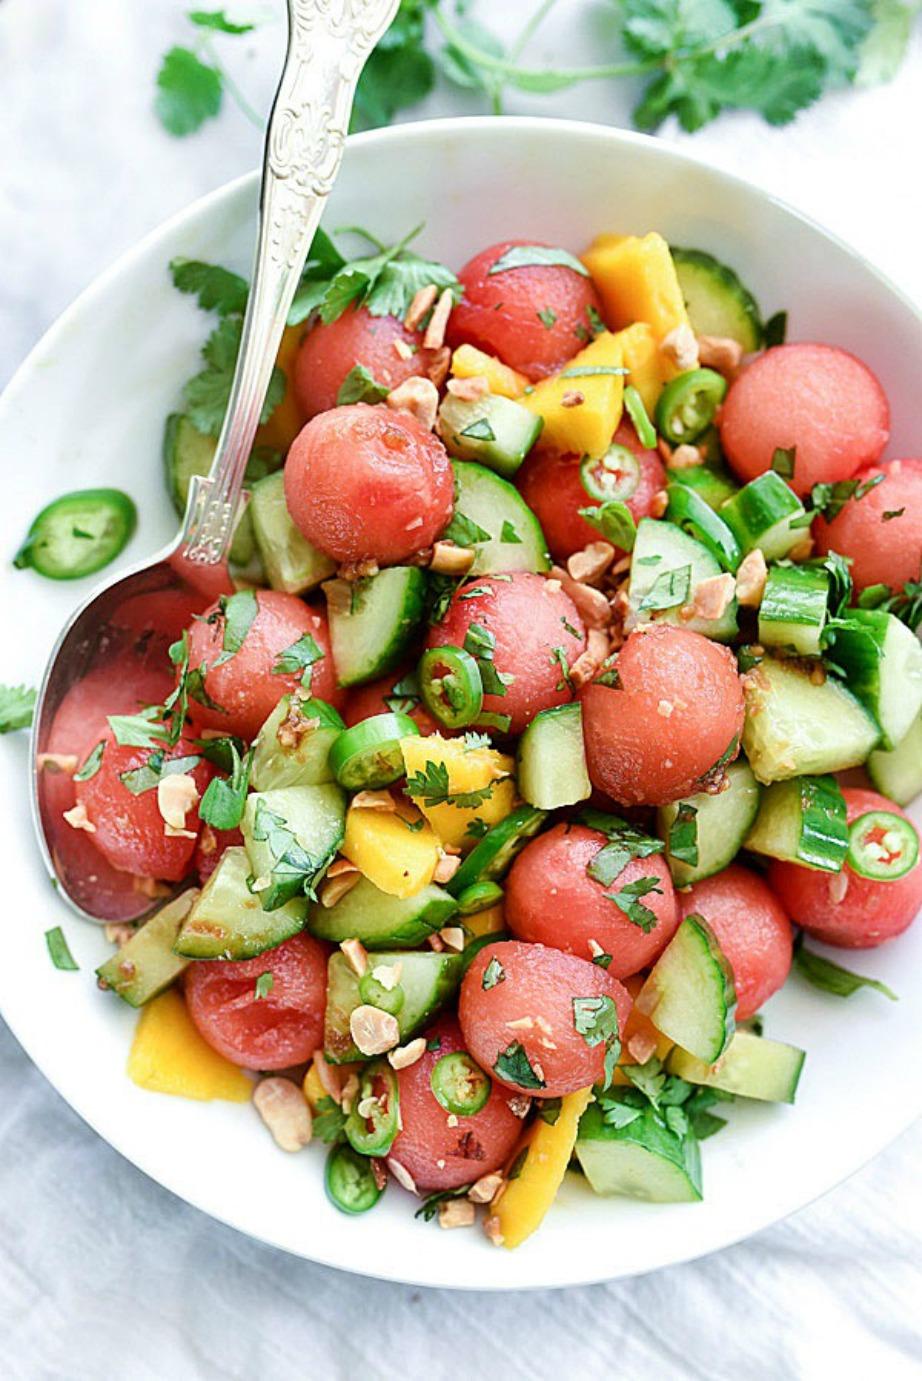 Αν δε θέλετε να κάνετε σαλάτα εξ' ολοκλήρου από καρπούζι μπορείτε να προσθέσετε κυβάκια καρπουζιού στην αγαπημένη σας.